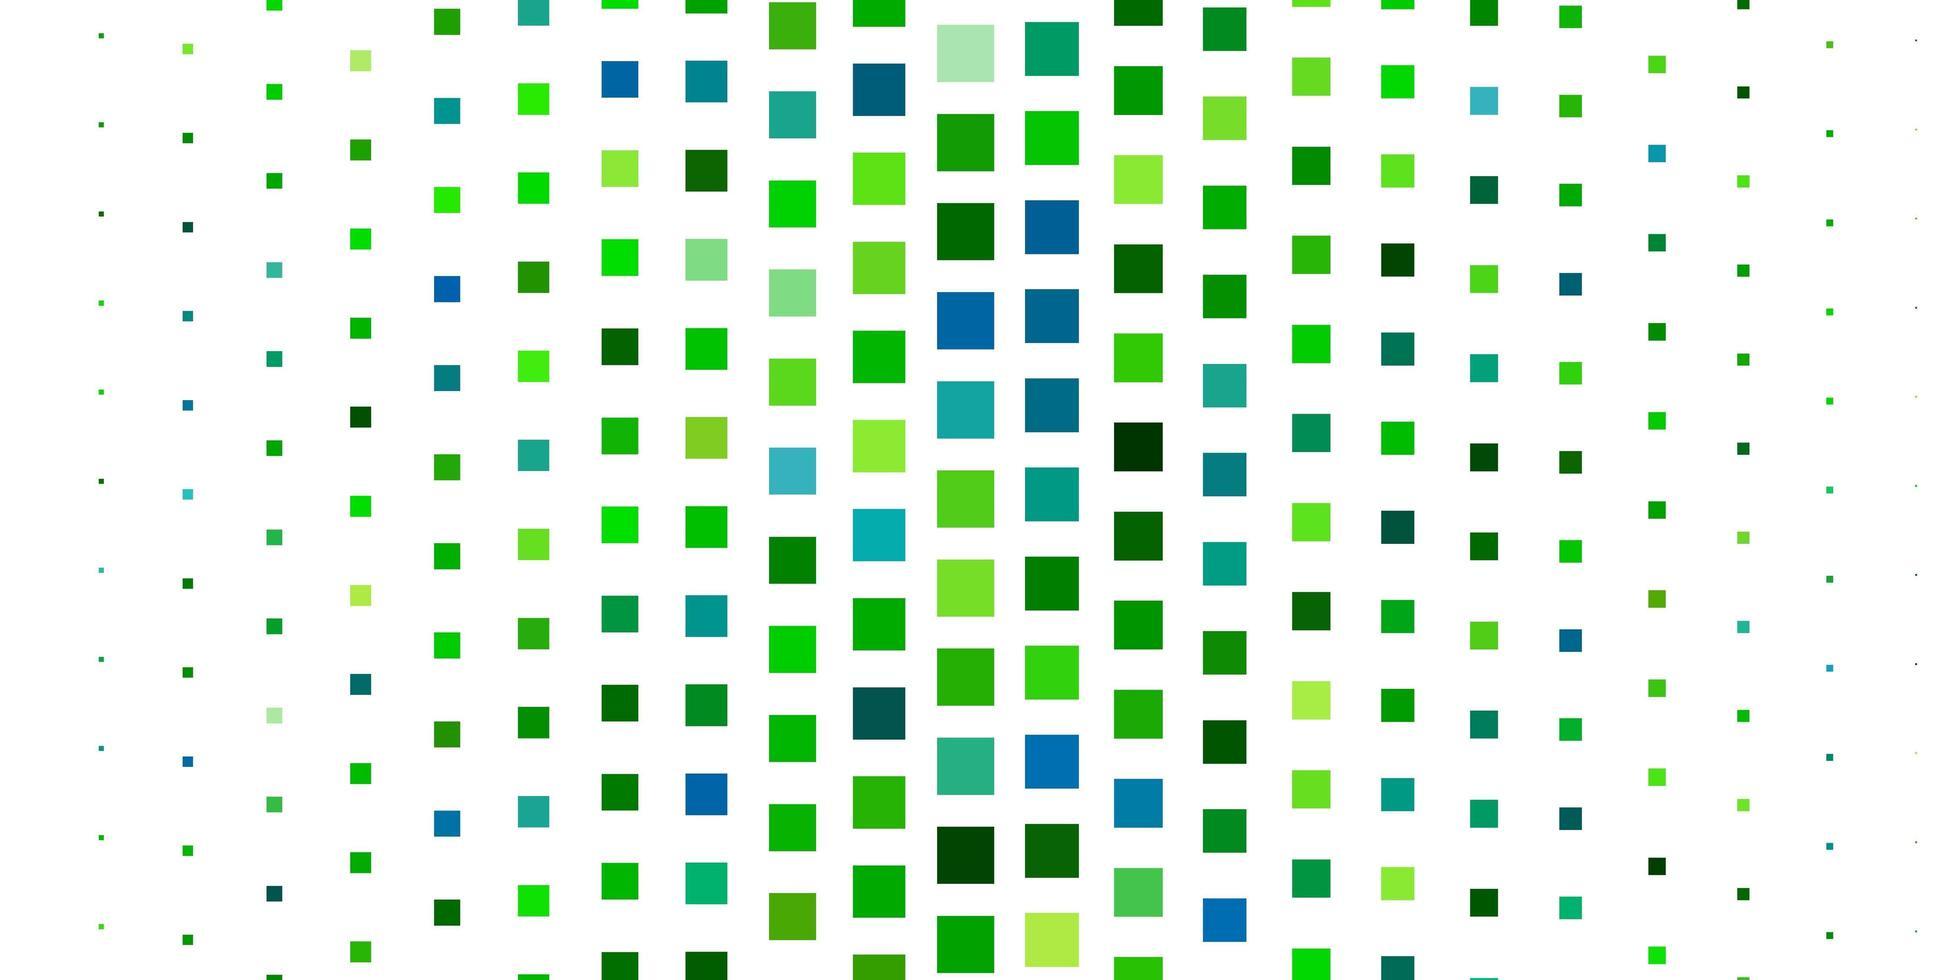 groene lay-out met lijnen, rechthoeken. vector